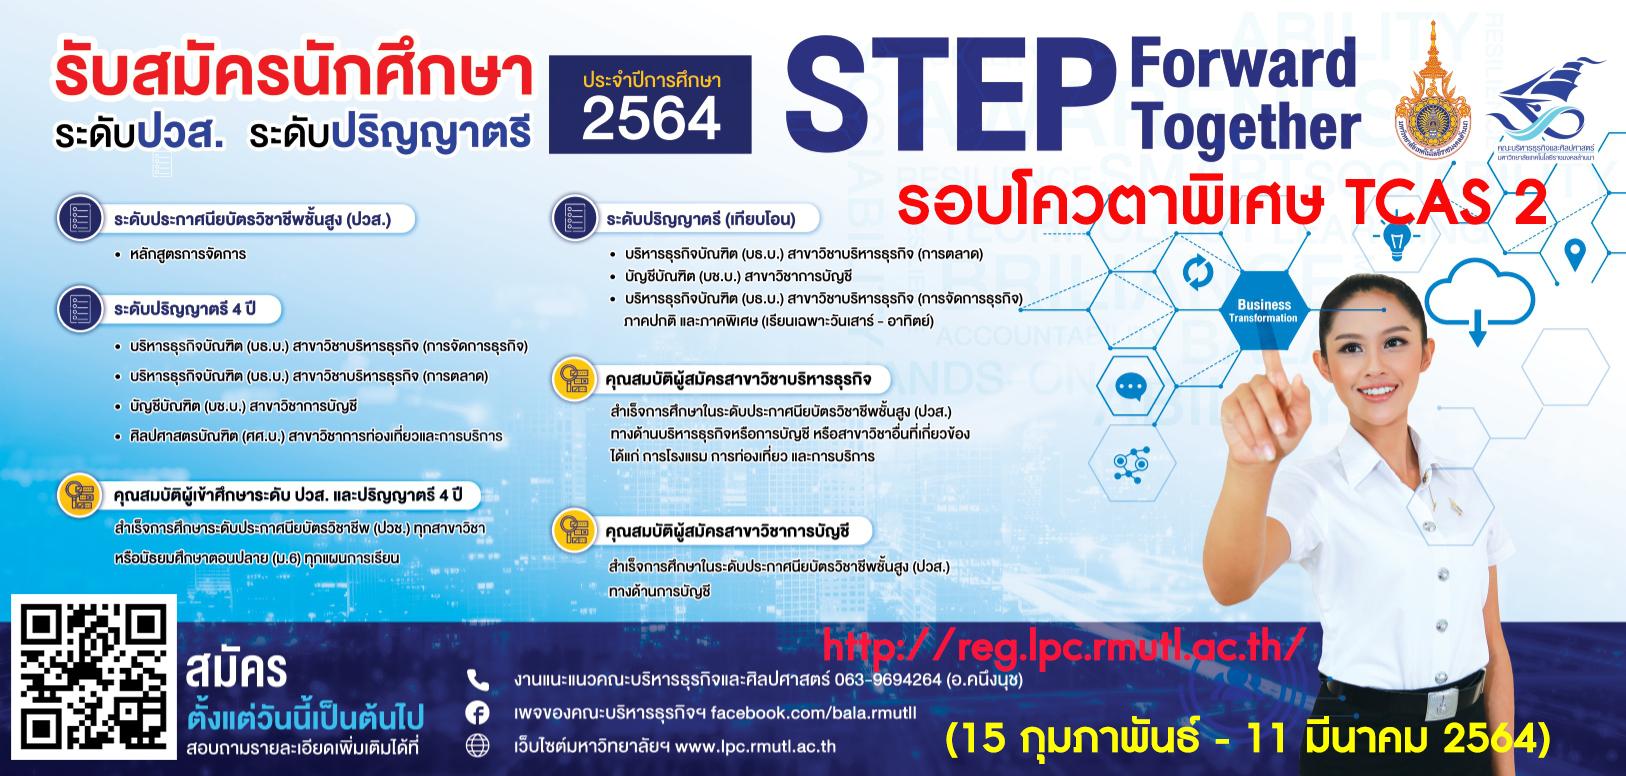 รับสมัครนักศึกษาใหม่ ปีการศึกษา 2564 รอบโควตาพิเศษ TCAS2